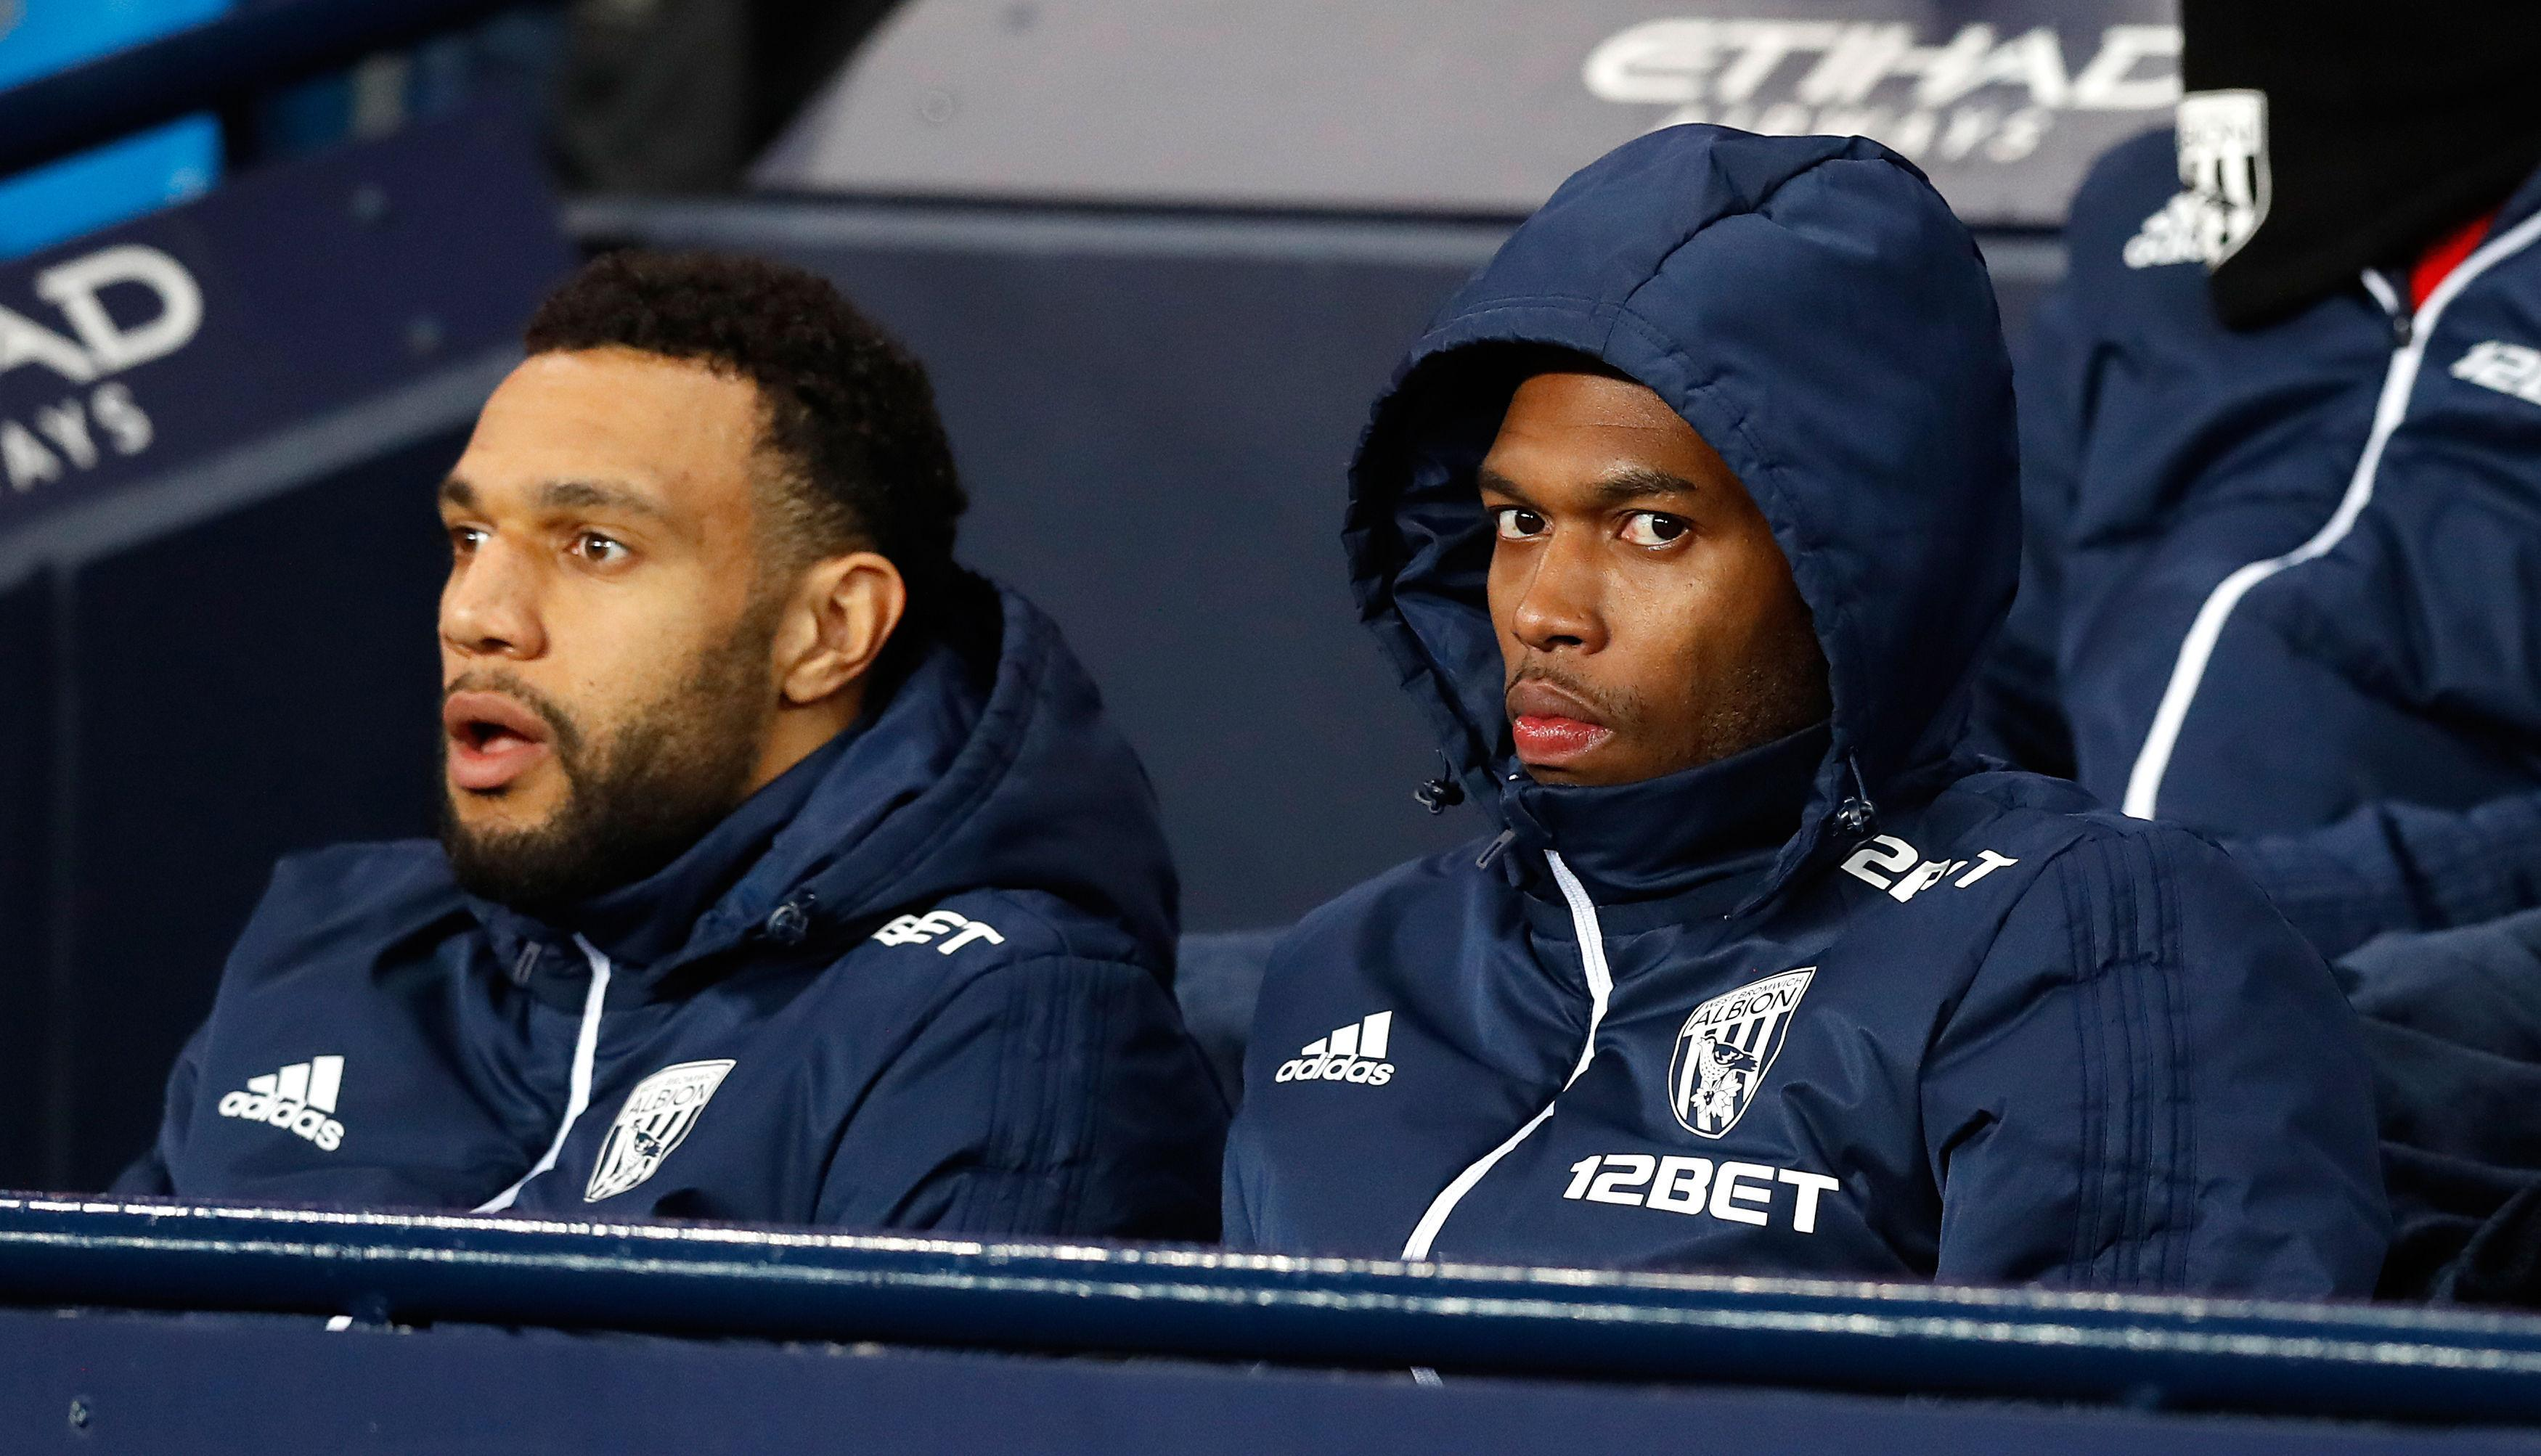 Warming that bench